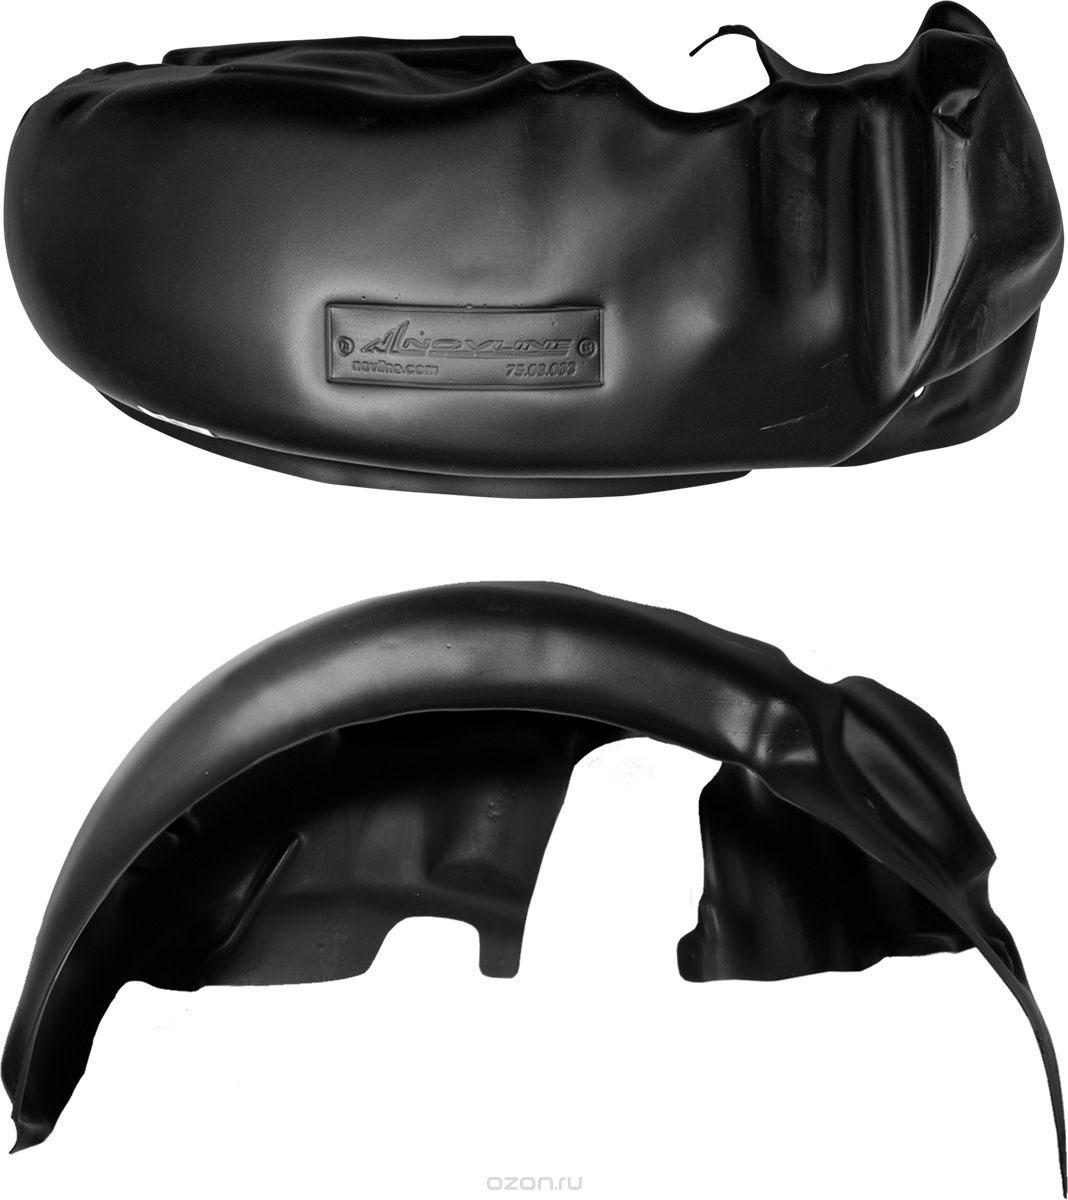 Подкрылок Novline-Autofamily, для FAW V5, 2013->, задний правыйNLL.62.14.004Идеальная защита колесной ниши. Локеры разработаны с применением цифровых технологий, гарантируют максимальную повторяемость поверхности арки. Изделия устанавливаются без нарушения лакокрасочного покрытия автомобиля, каждый подкрылок комплектуется крепежом. Уважаемые клиенты, обращаем ваше внимание, что фотографии на подкрылки универсальные и не отражают реальную форму изделия. При этом само изделие идет точно под размер указанного автомобиля.